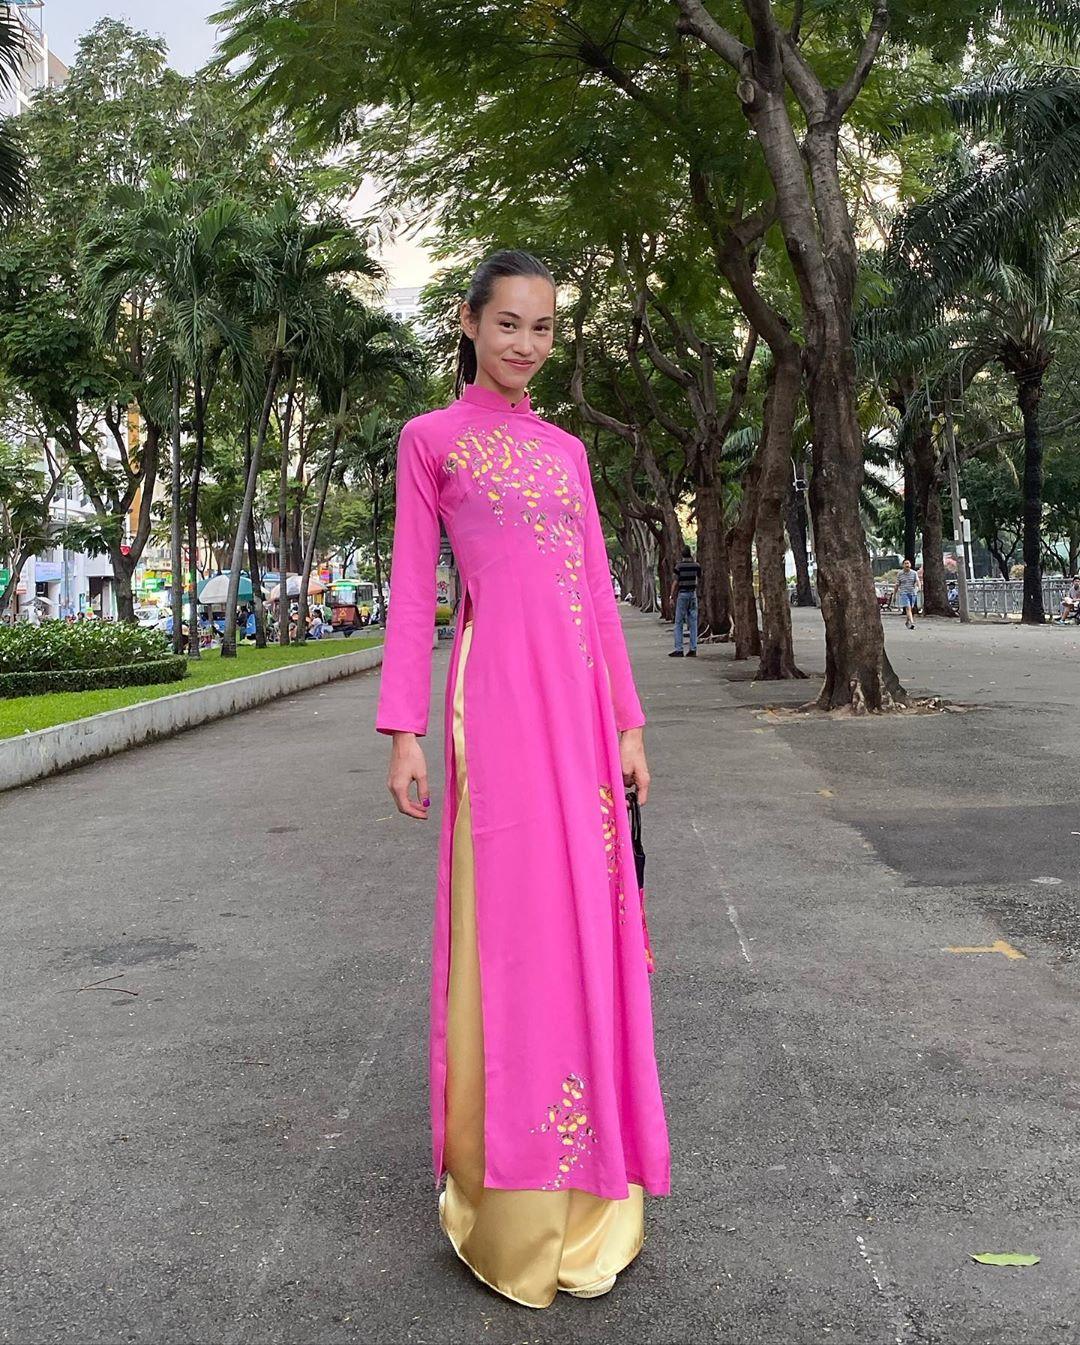 Tình cũ G-Dragon Kiko Mizuhara đến Việt Nam, diện áo dài hồng rực rỡ đi dạo phố Bùi Viện